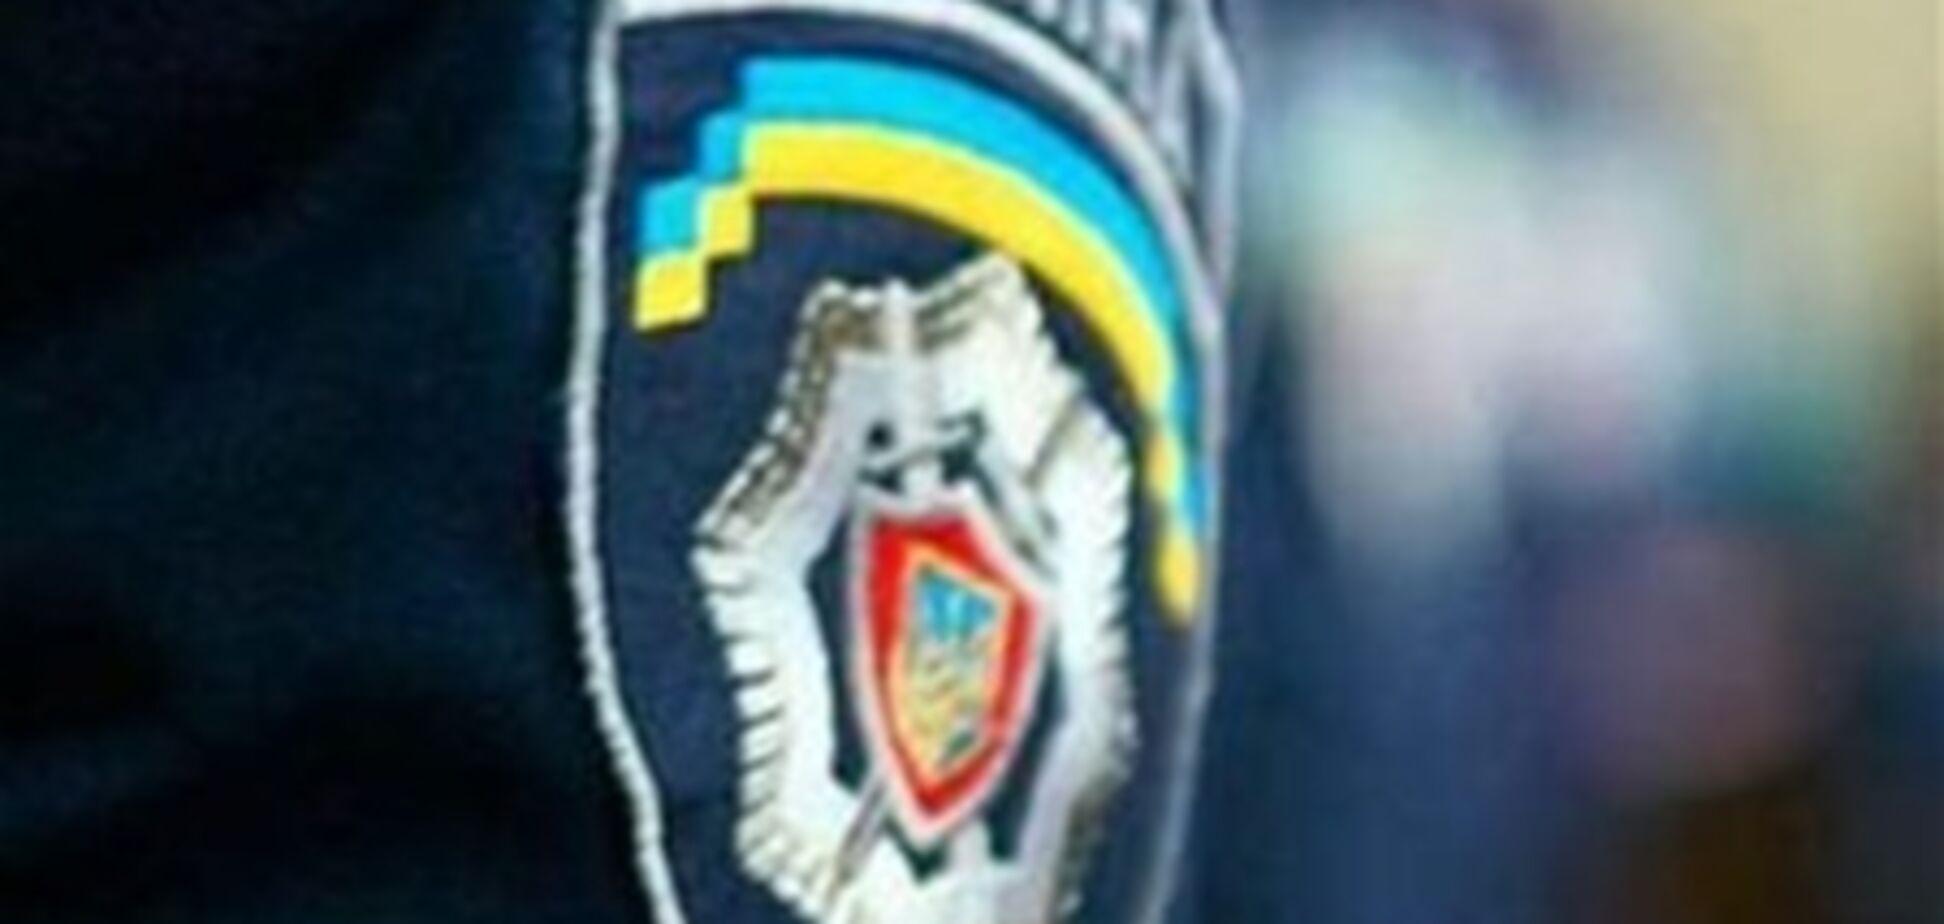 Милиция разыскивает двух подозреваемых в убийстве судьи Трофимова